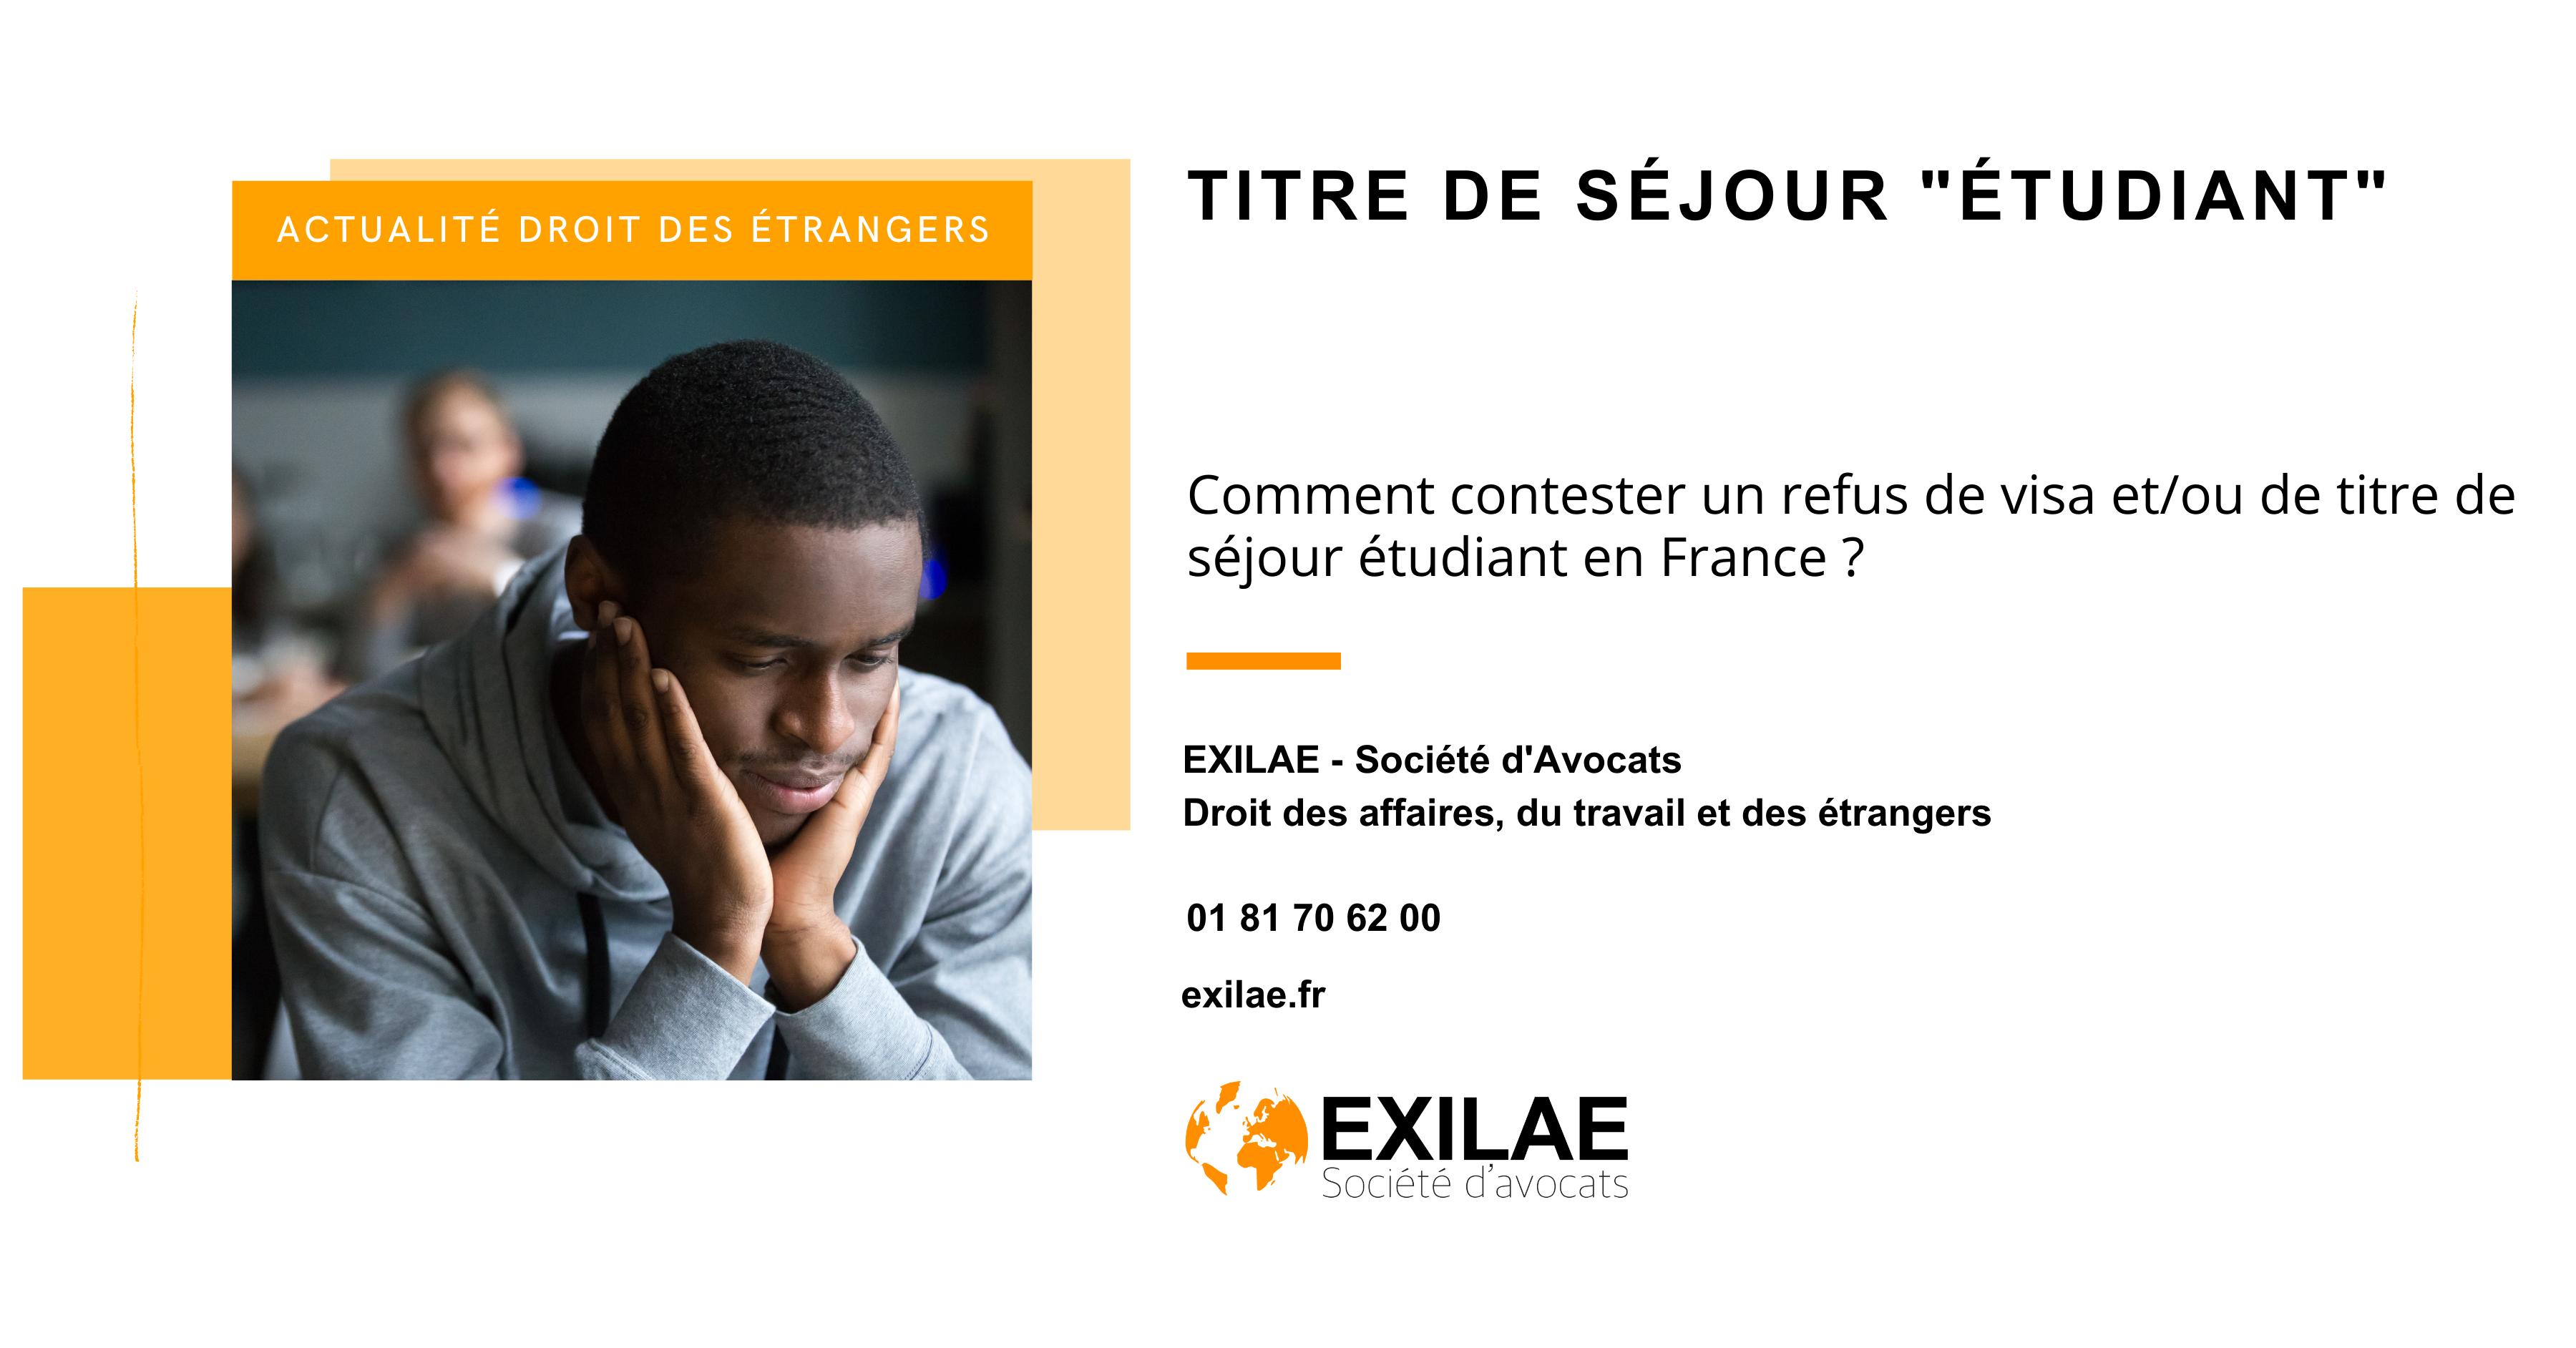 Comment contester un refus de visa et/ou de titre de séjour étudiant en France ?